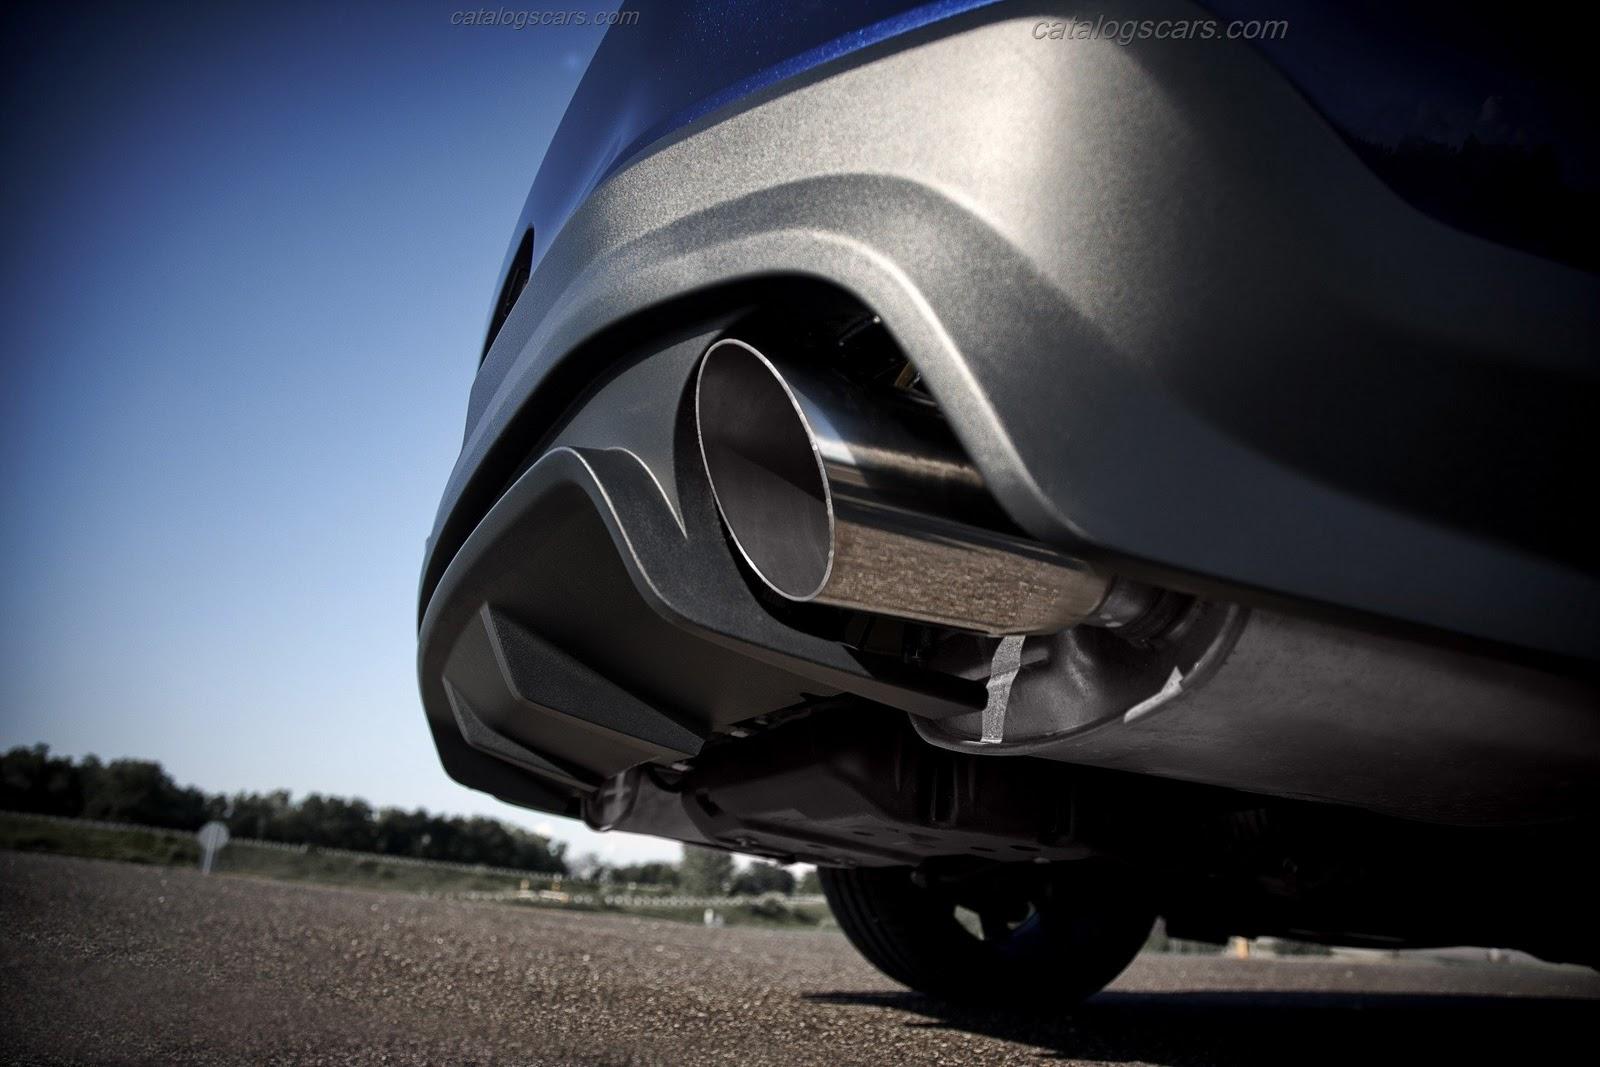 صور سيارة فورد موستنج بوس 302 2015 - اجمل خلفيات صور عربية فورد موستنج بوس 302 2015 - Ford Mustang Boss 302 Photos Ford-Mustang-Boss-302-2012-18.jpg